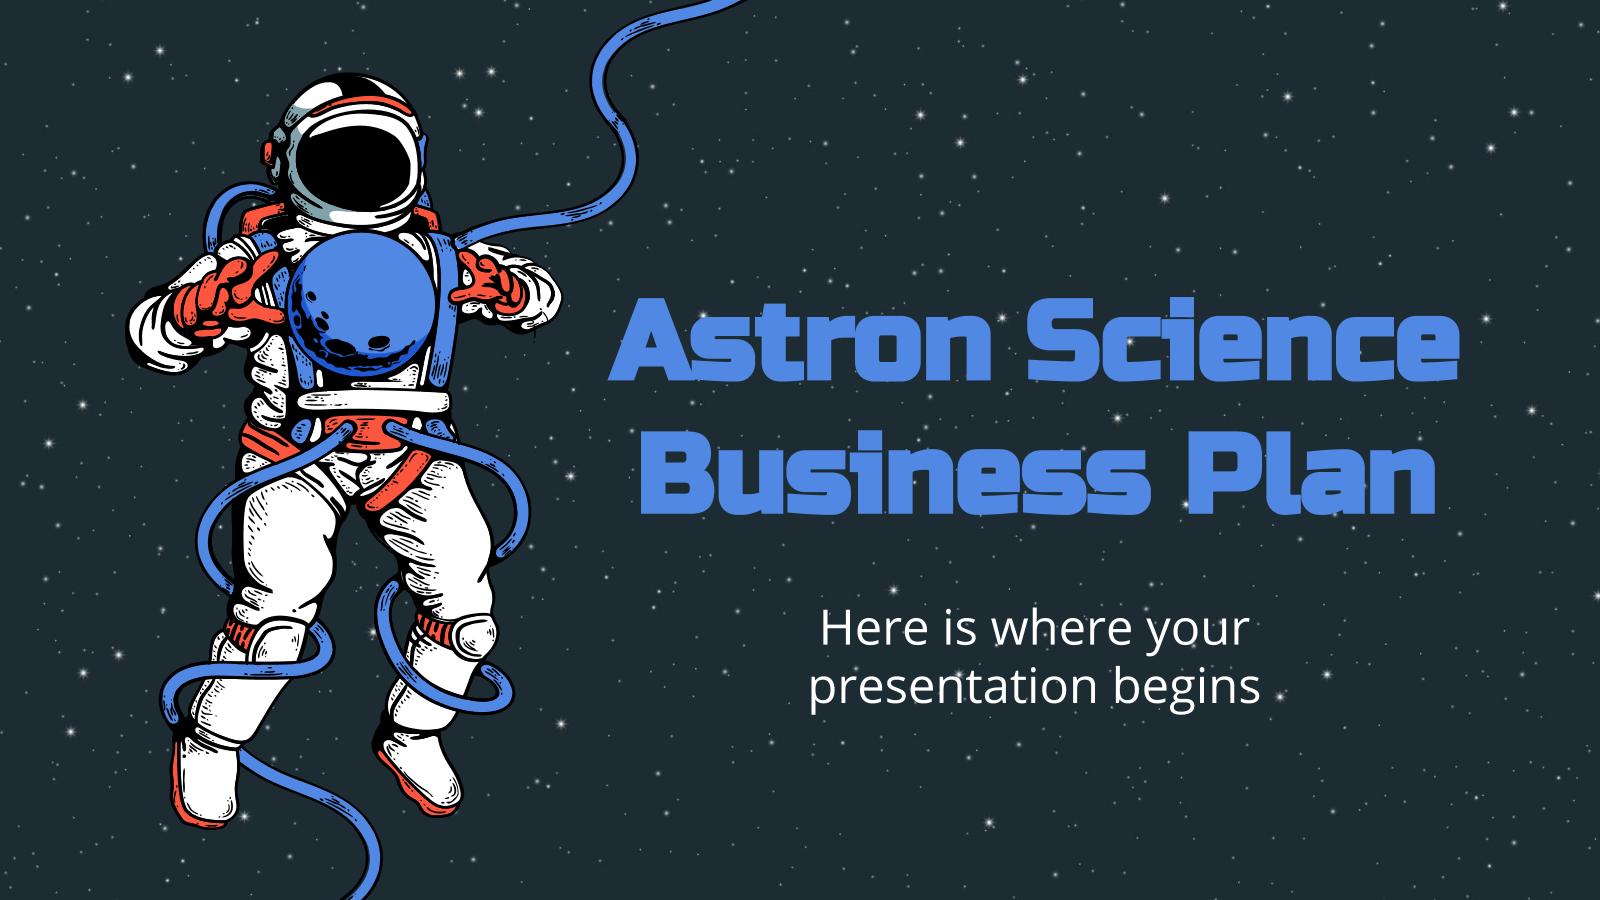 Business plan pour la science Astron : Modèles de présentation